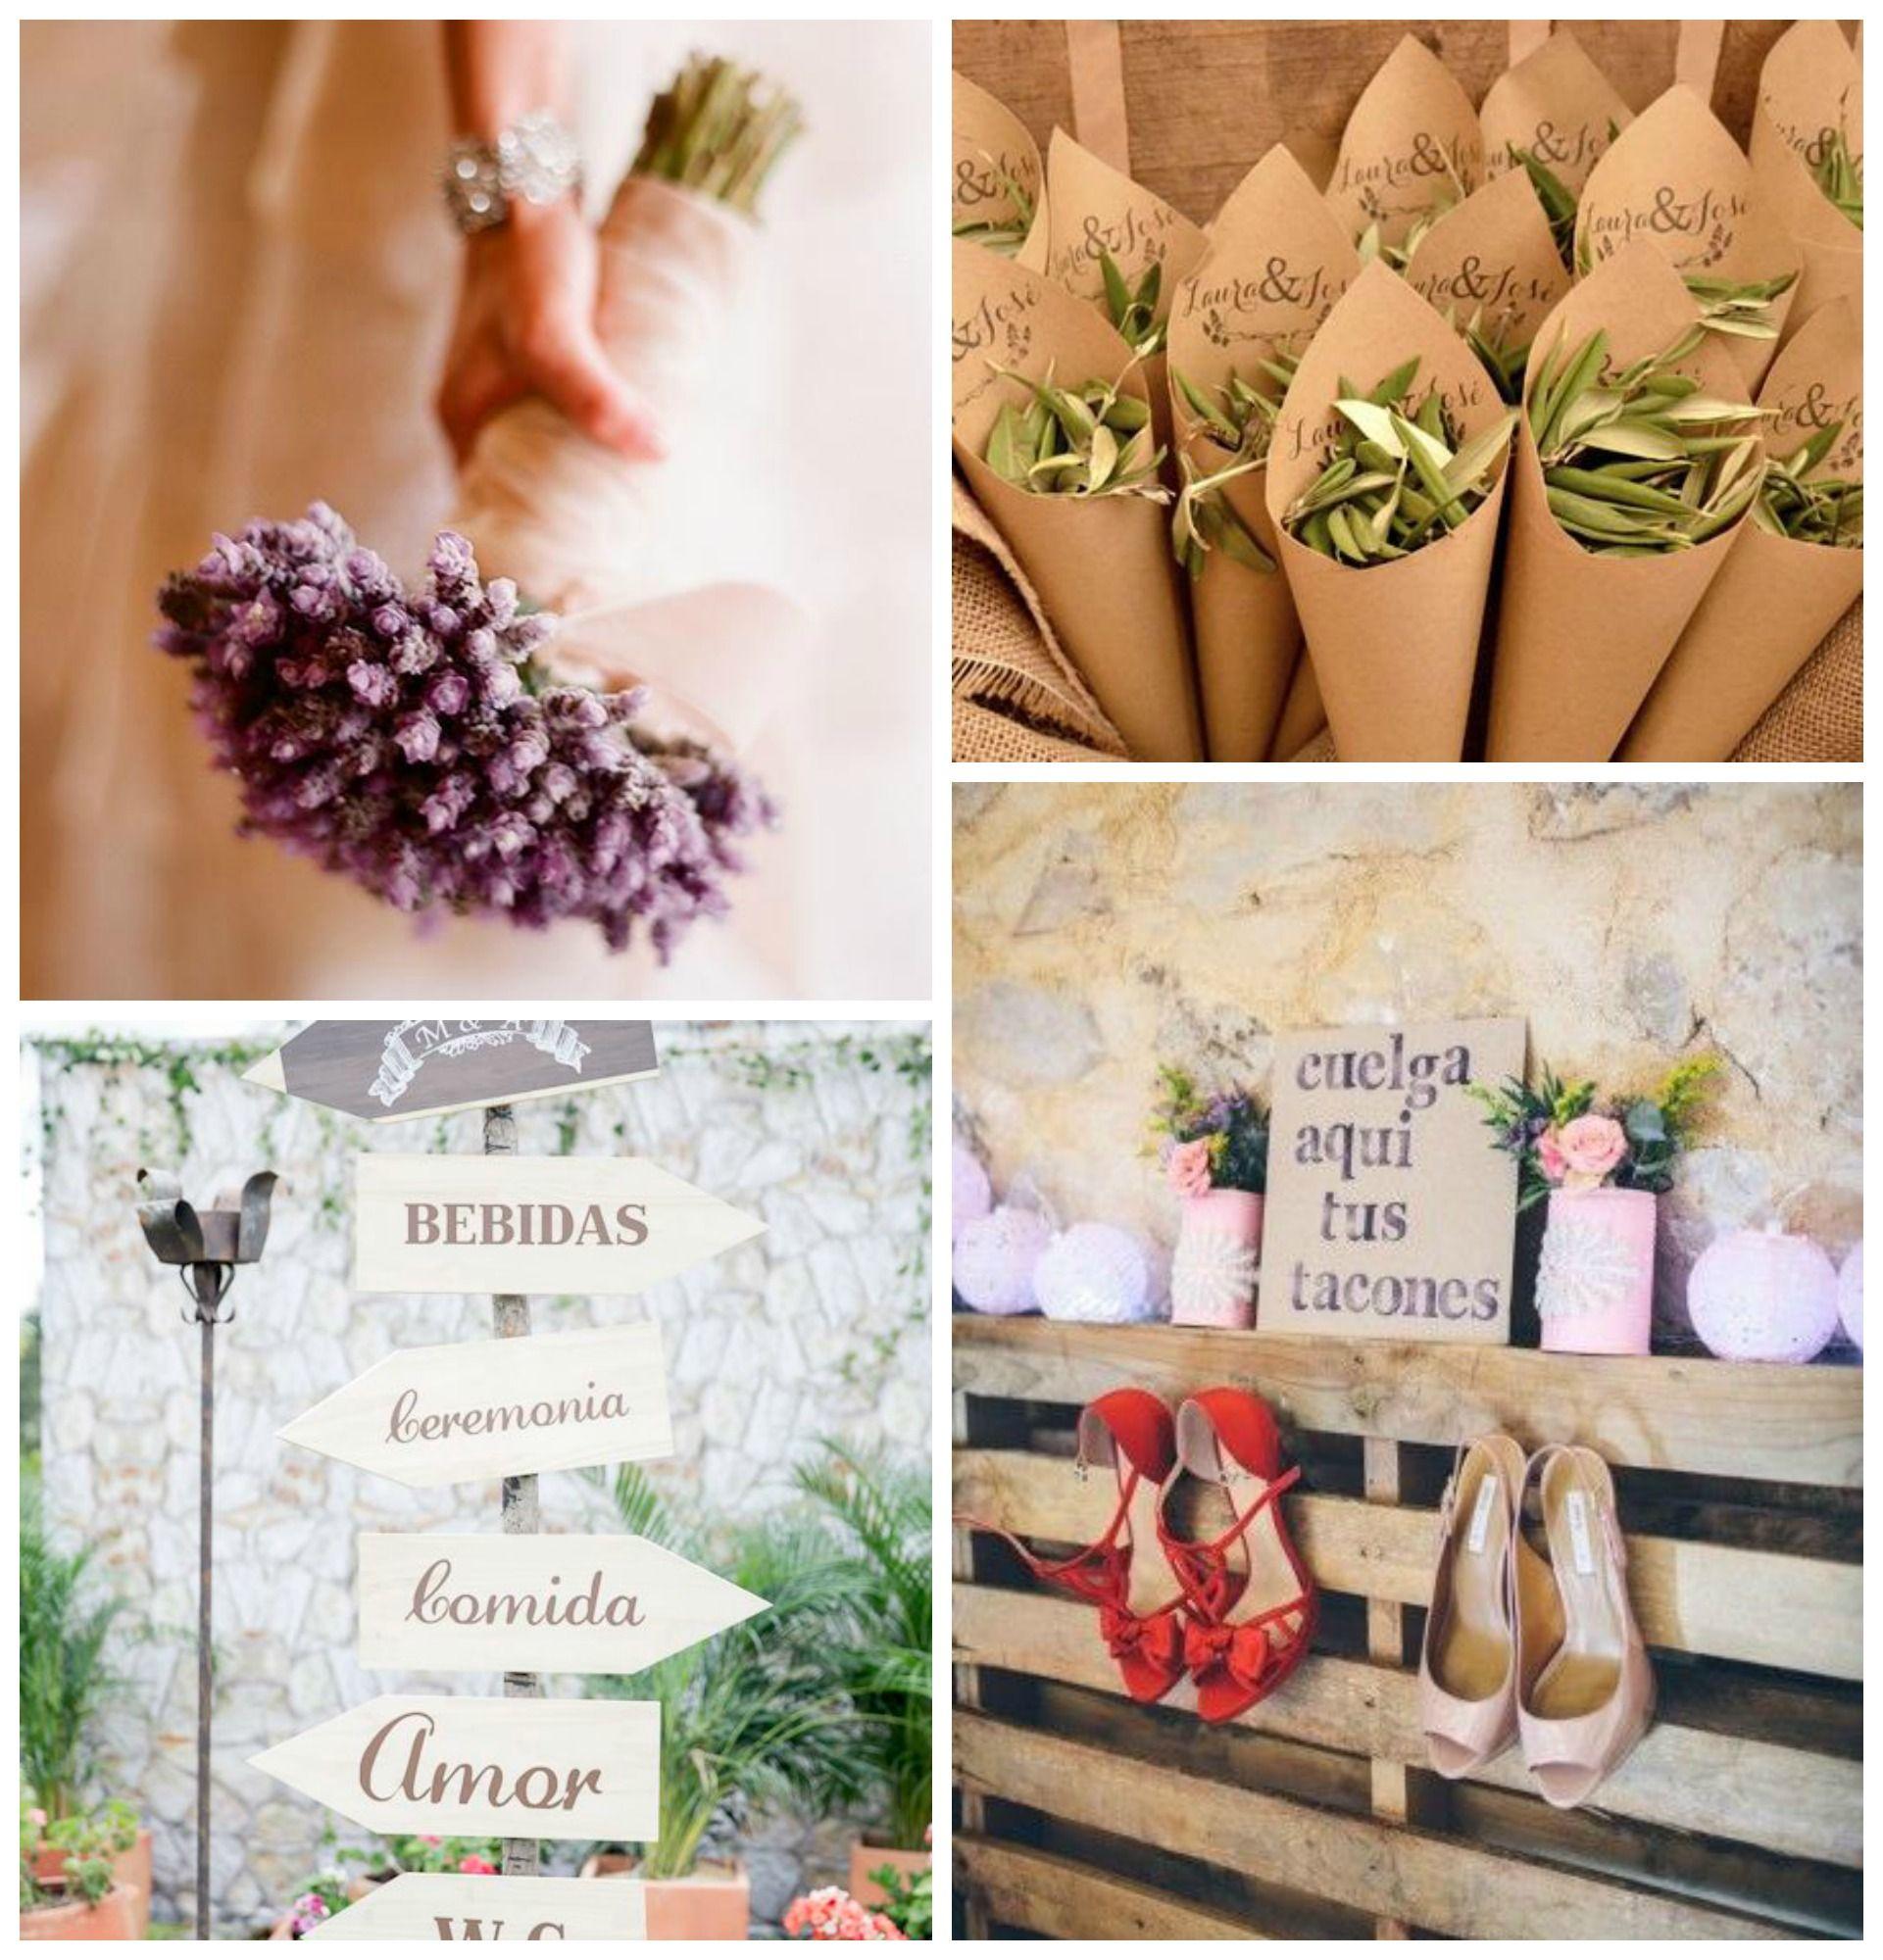 ideas sencillas y econmicas para una boda diferente